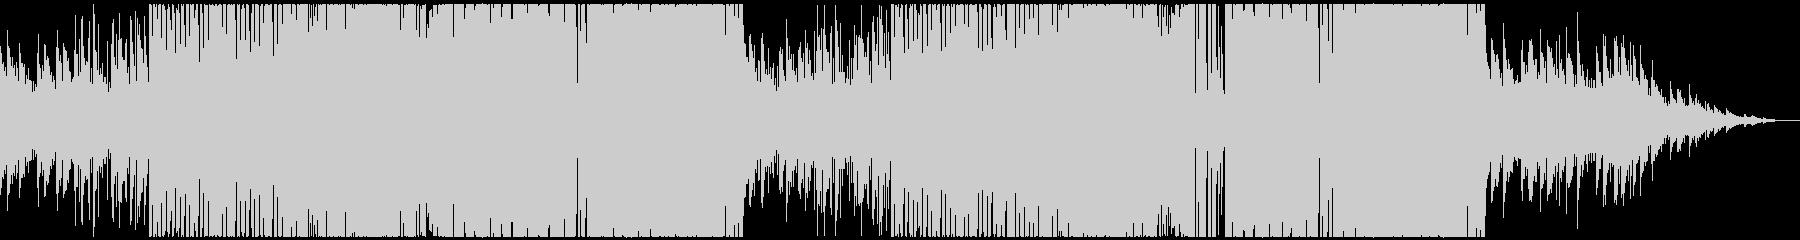 ノリがいい可愛いサウンドのEDMの未再生の波形